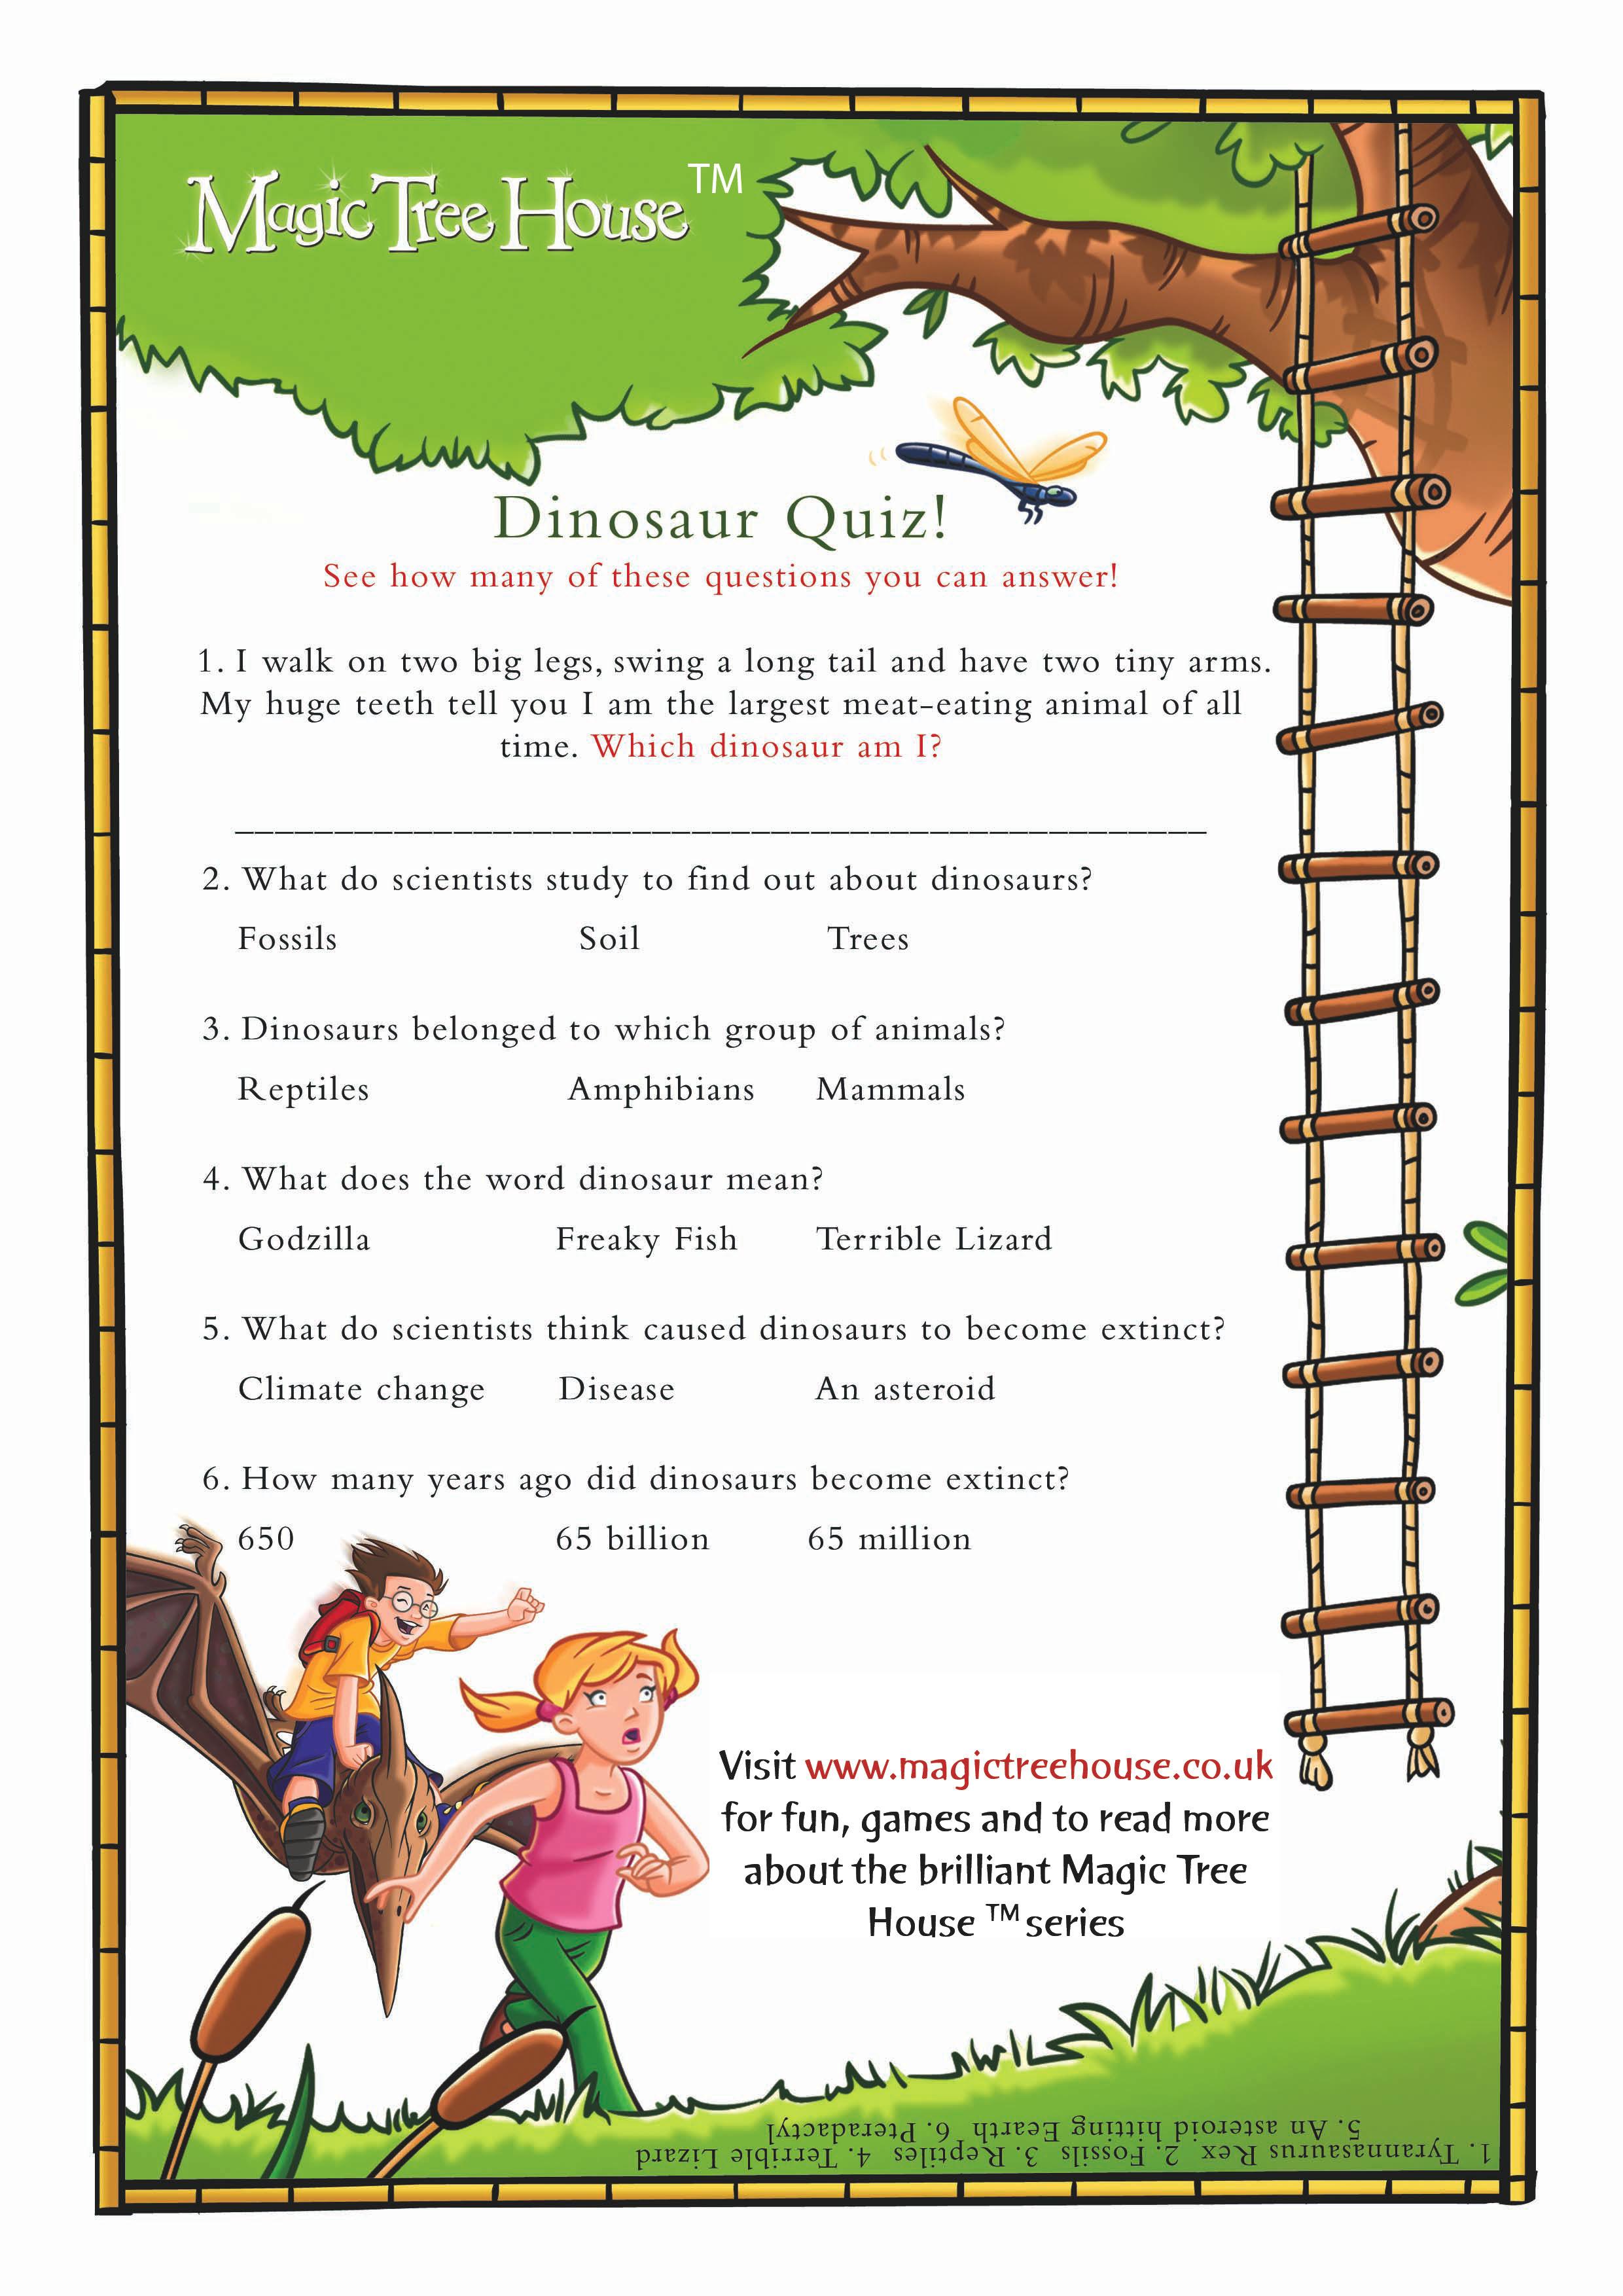 Magic Tree House Quiz